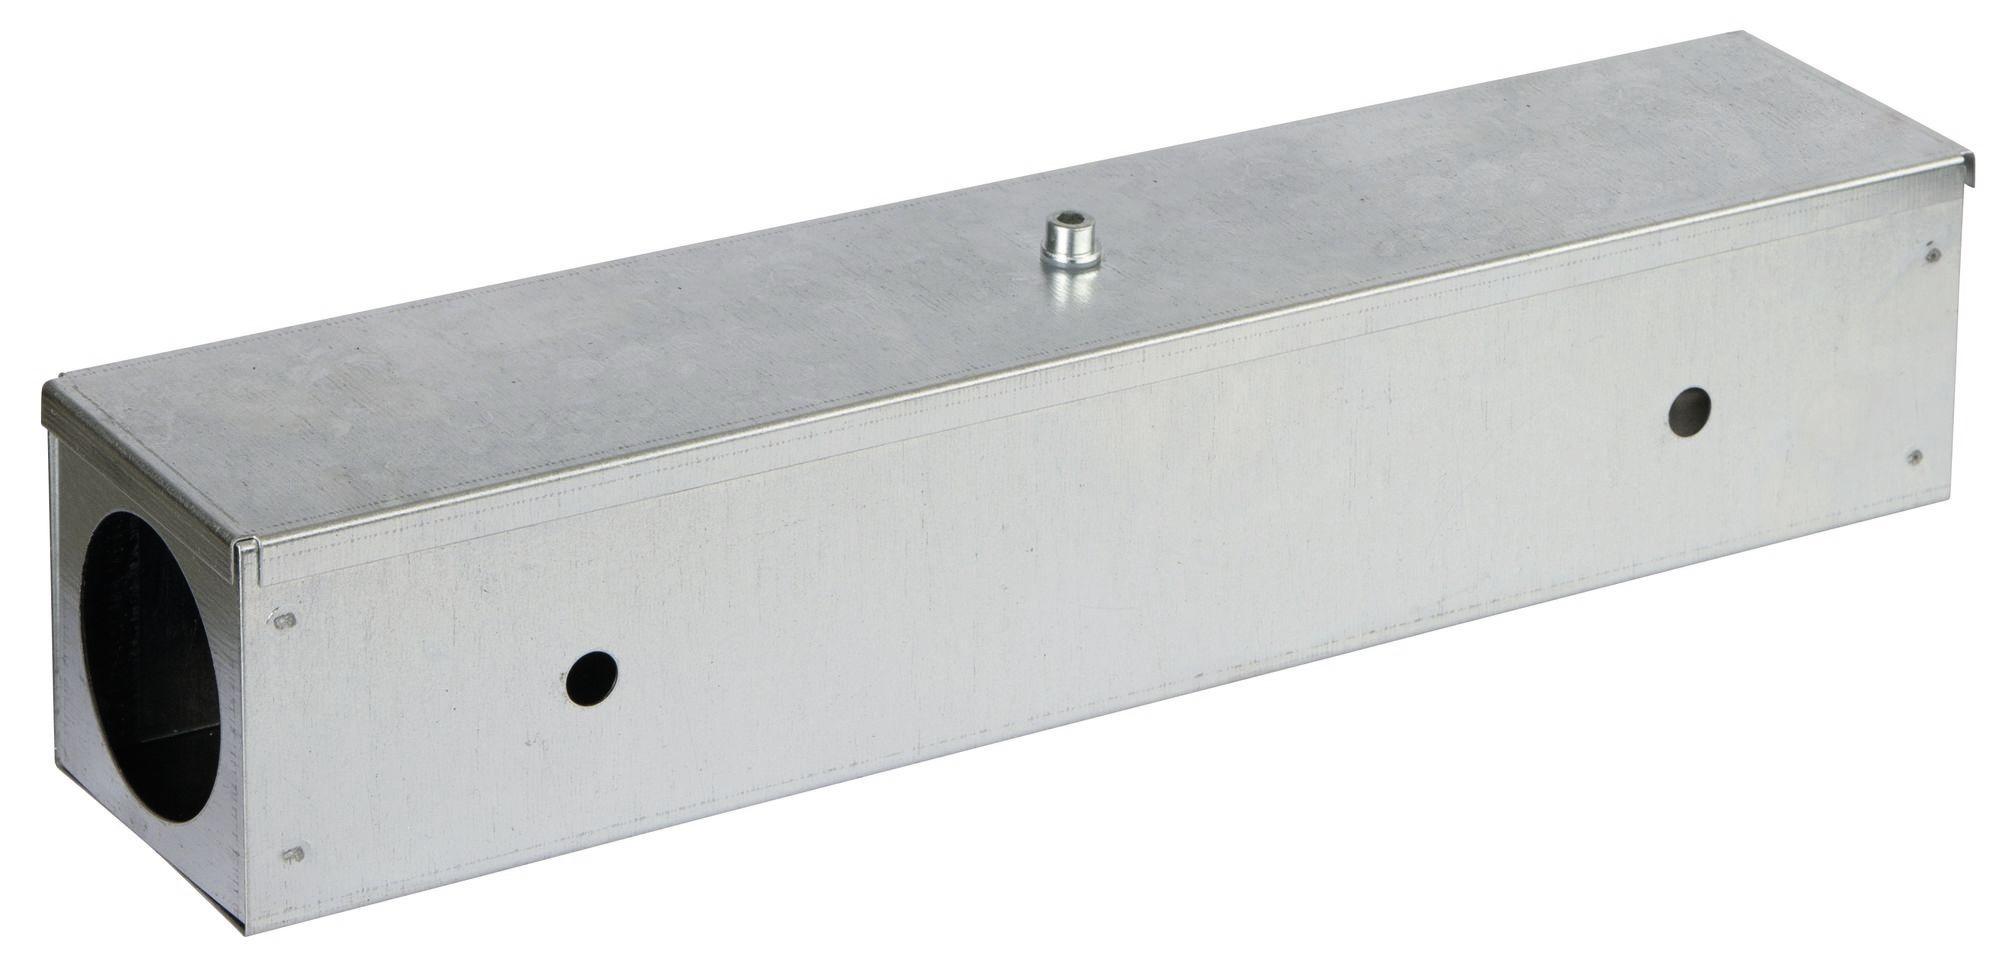 Statie de intoxicare Kerbl BlockBox - din metal